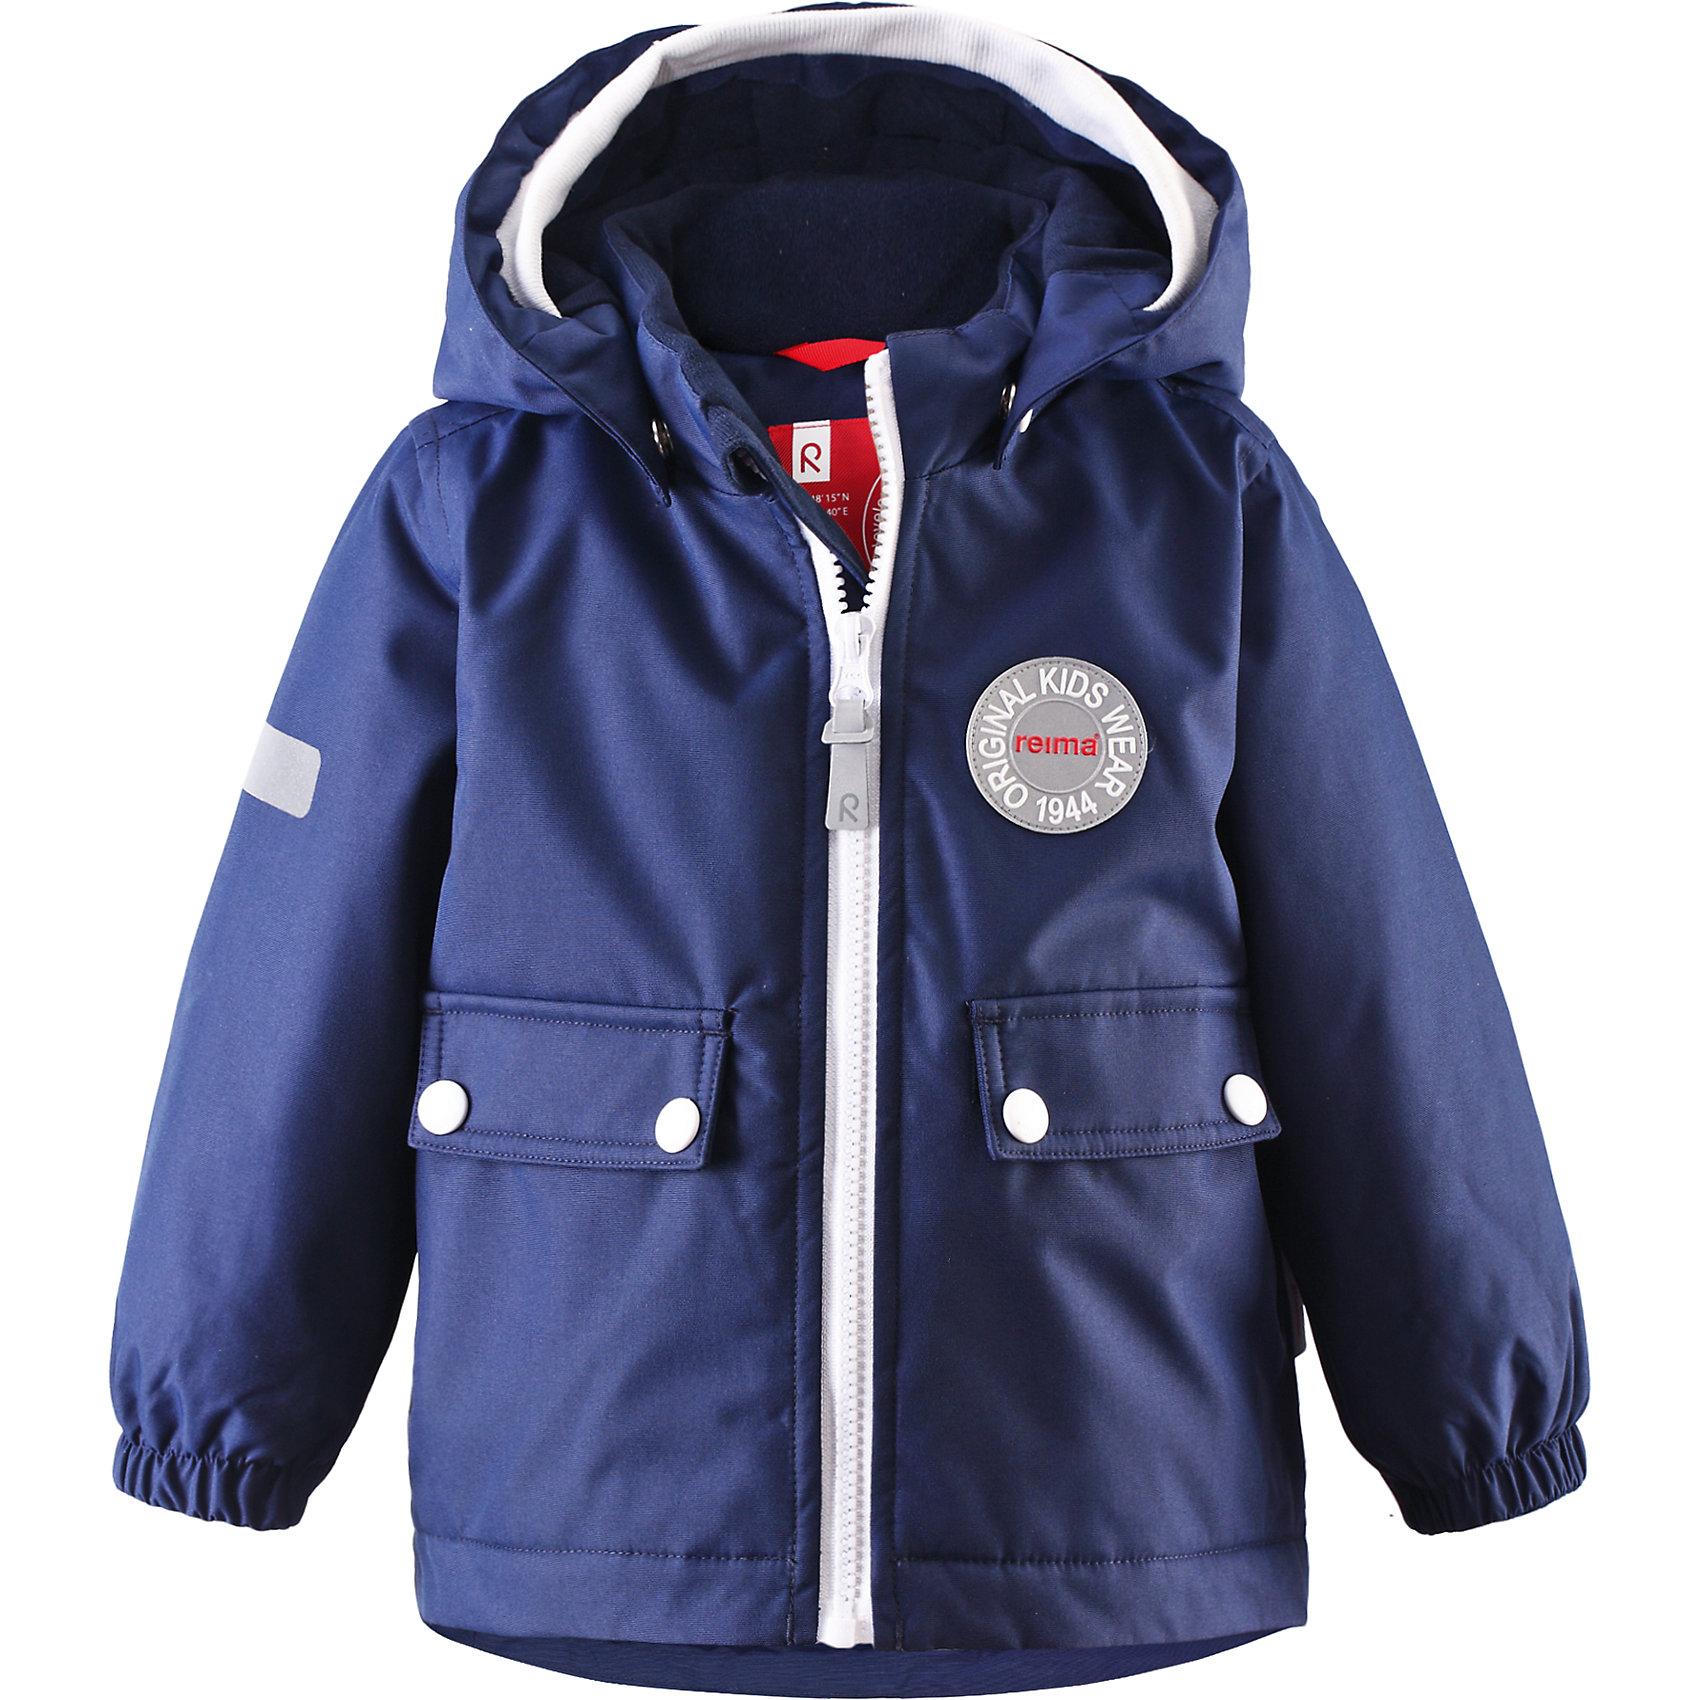 Куртка Quilt для мальчика ReimaОдежда<br>Куртка  Reima<br>Зимняя куртка для малышей. Основные швы проклеены и не пропускают влагу. Водоотталкивающий, ветронепроницаемый, «дышащий» и грязеотталкивающий материал. Теплая стеганая подкладка. Безопасный, съемный капюшон. Мягкая резинка на кромке капюшона. Эластичные манжеты. Удлиненный подол сзади. Два кармана с клапанами. Безопасные светоотражающие детали.<br>Утеплитель: Reima® Soft Loft insulation,160 g<br>Уход:<br>Стирать по отдельности, вывернув наизнанку. Застегнуть молнии и липучки. Стирать моющим средством, не содержащим отбеливающие вещества. Полоскать без специального средства. Во избежание изменения цвета изделие необходимо вынуть из стиральной машинки незамедлительно после окончания программы стирки. Сушить при низкой температуре.<br>Состав:<br>100% Полиамид, полиуретановое покрытие<br><br>Ширина мм: 356<br>Глубина мм: 10<br>Высота мм: 245<br>Вес г: 519<br>Цвет: синий<br>Возраст от месяцев: 9<br>Возраст до месяцев: 12<br>Пол: Мужской<br>Возраст: Детский<br>Размер: 80,98,86,92<br>SKU: 4776056